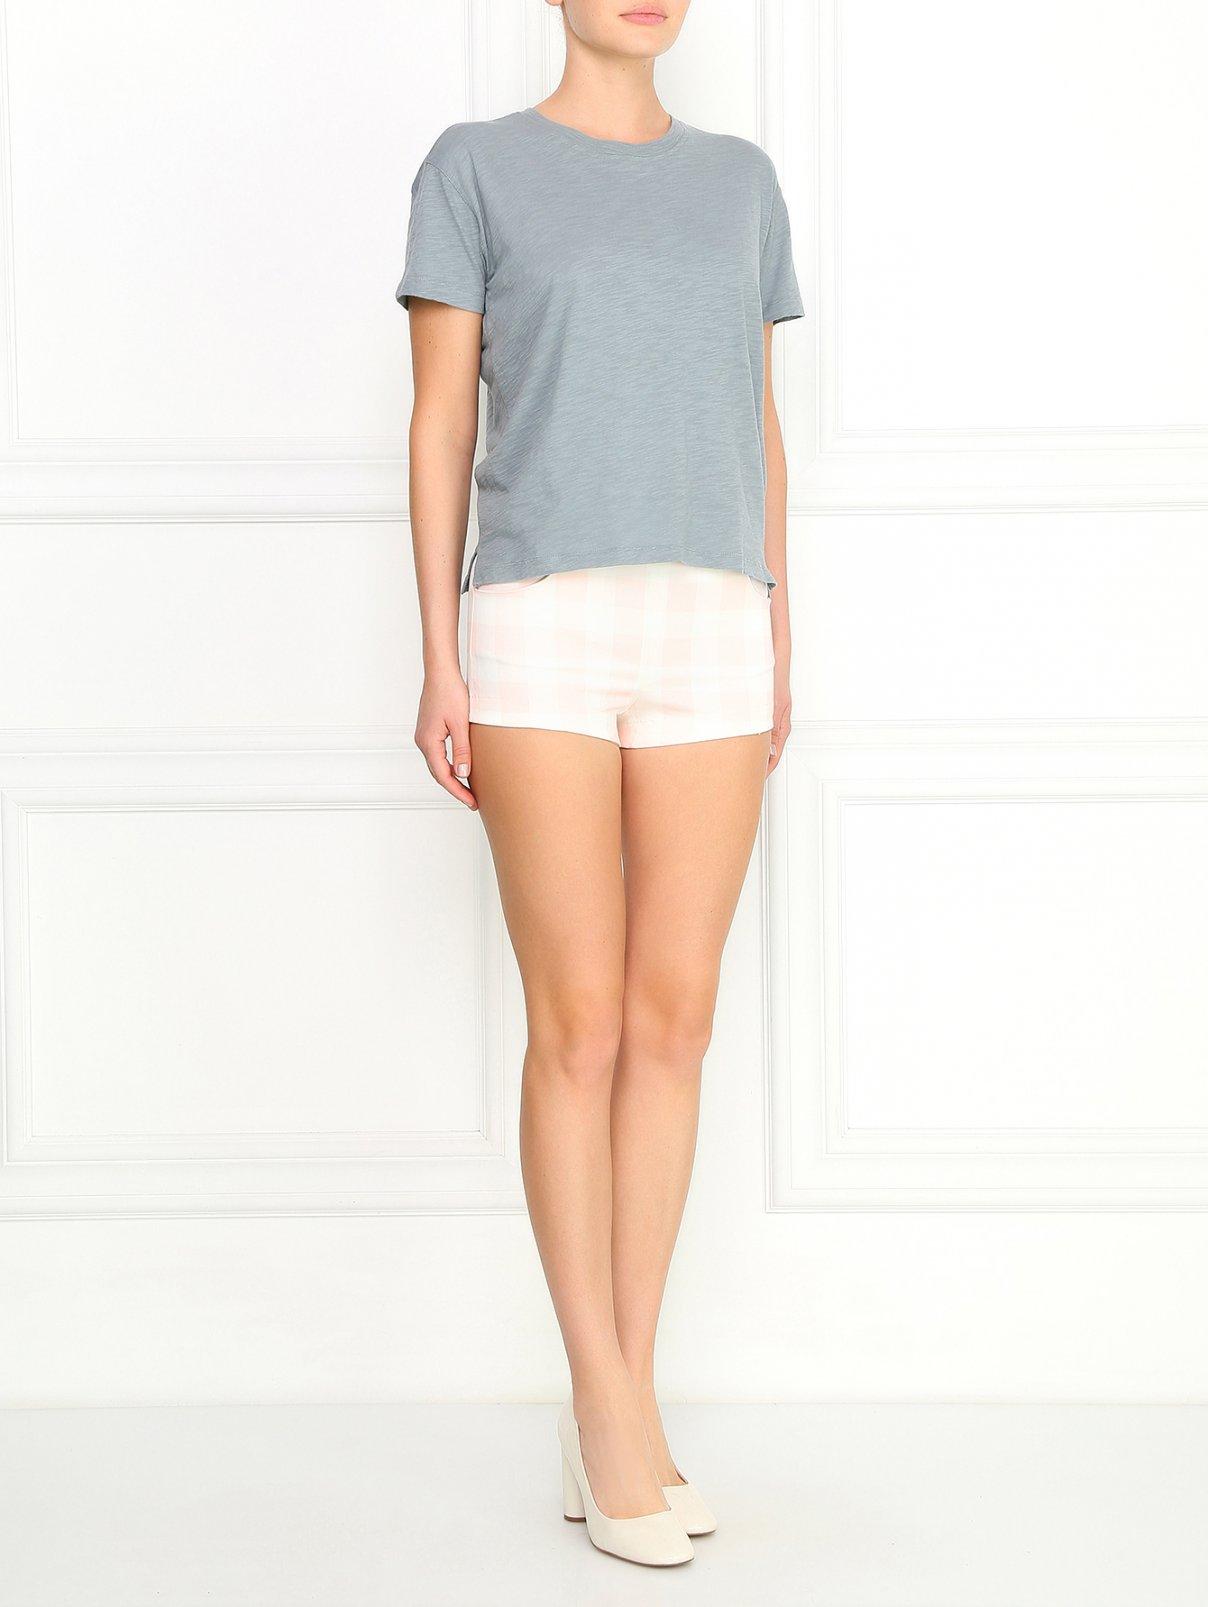 Узкие укороченные шорты из хлопка с узором Au Jour Le Jour  –  Модель Общий вид  – Цвет:  Узор